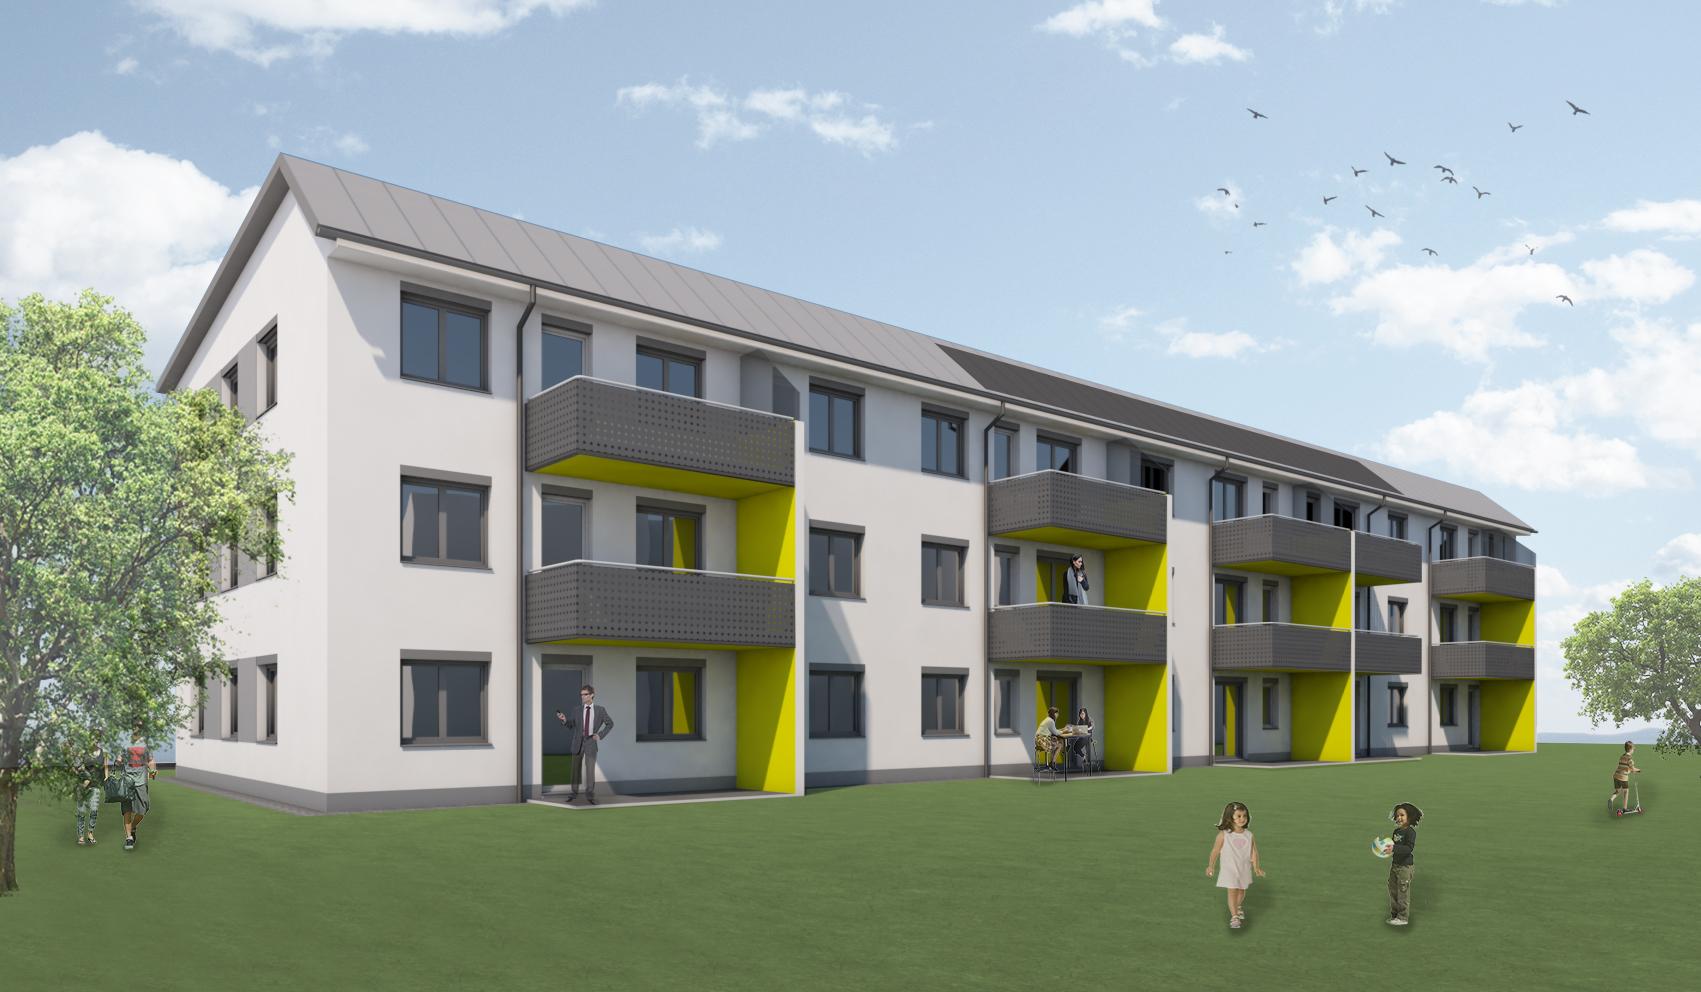 Immobilie von Kamptal in 3542 Gföhl, Krems(Land), Gföhl V/3 - Top 512 #1